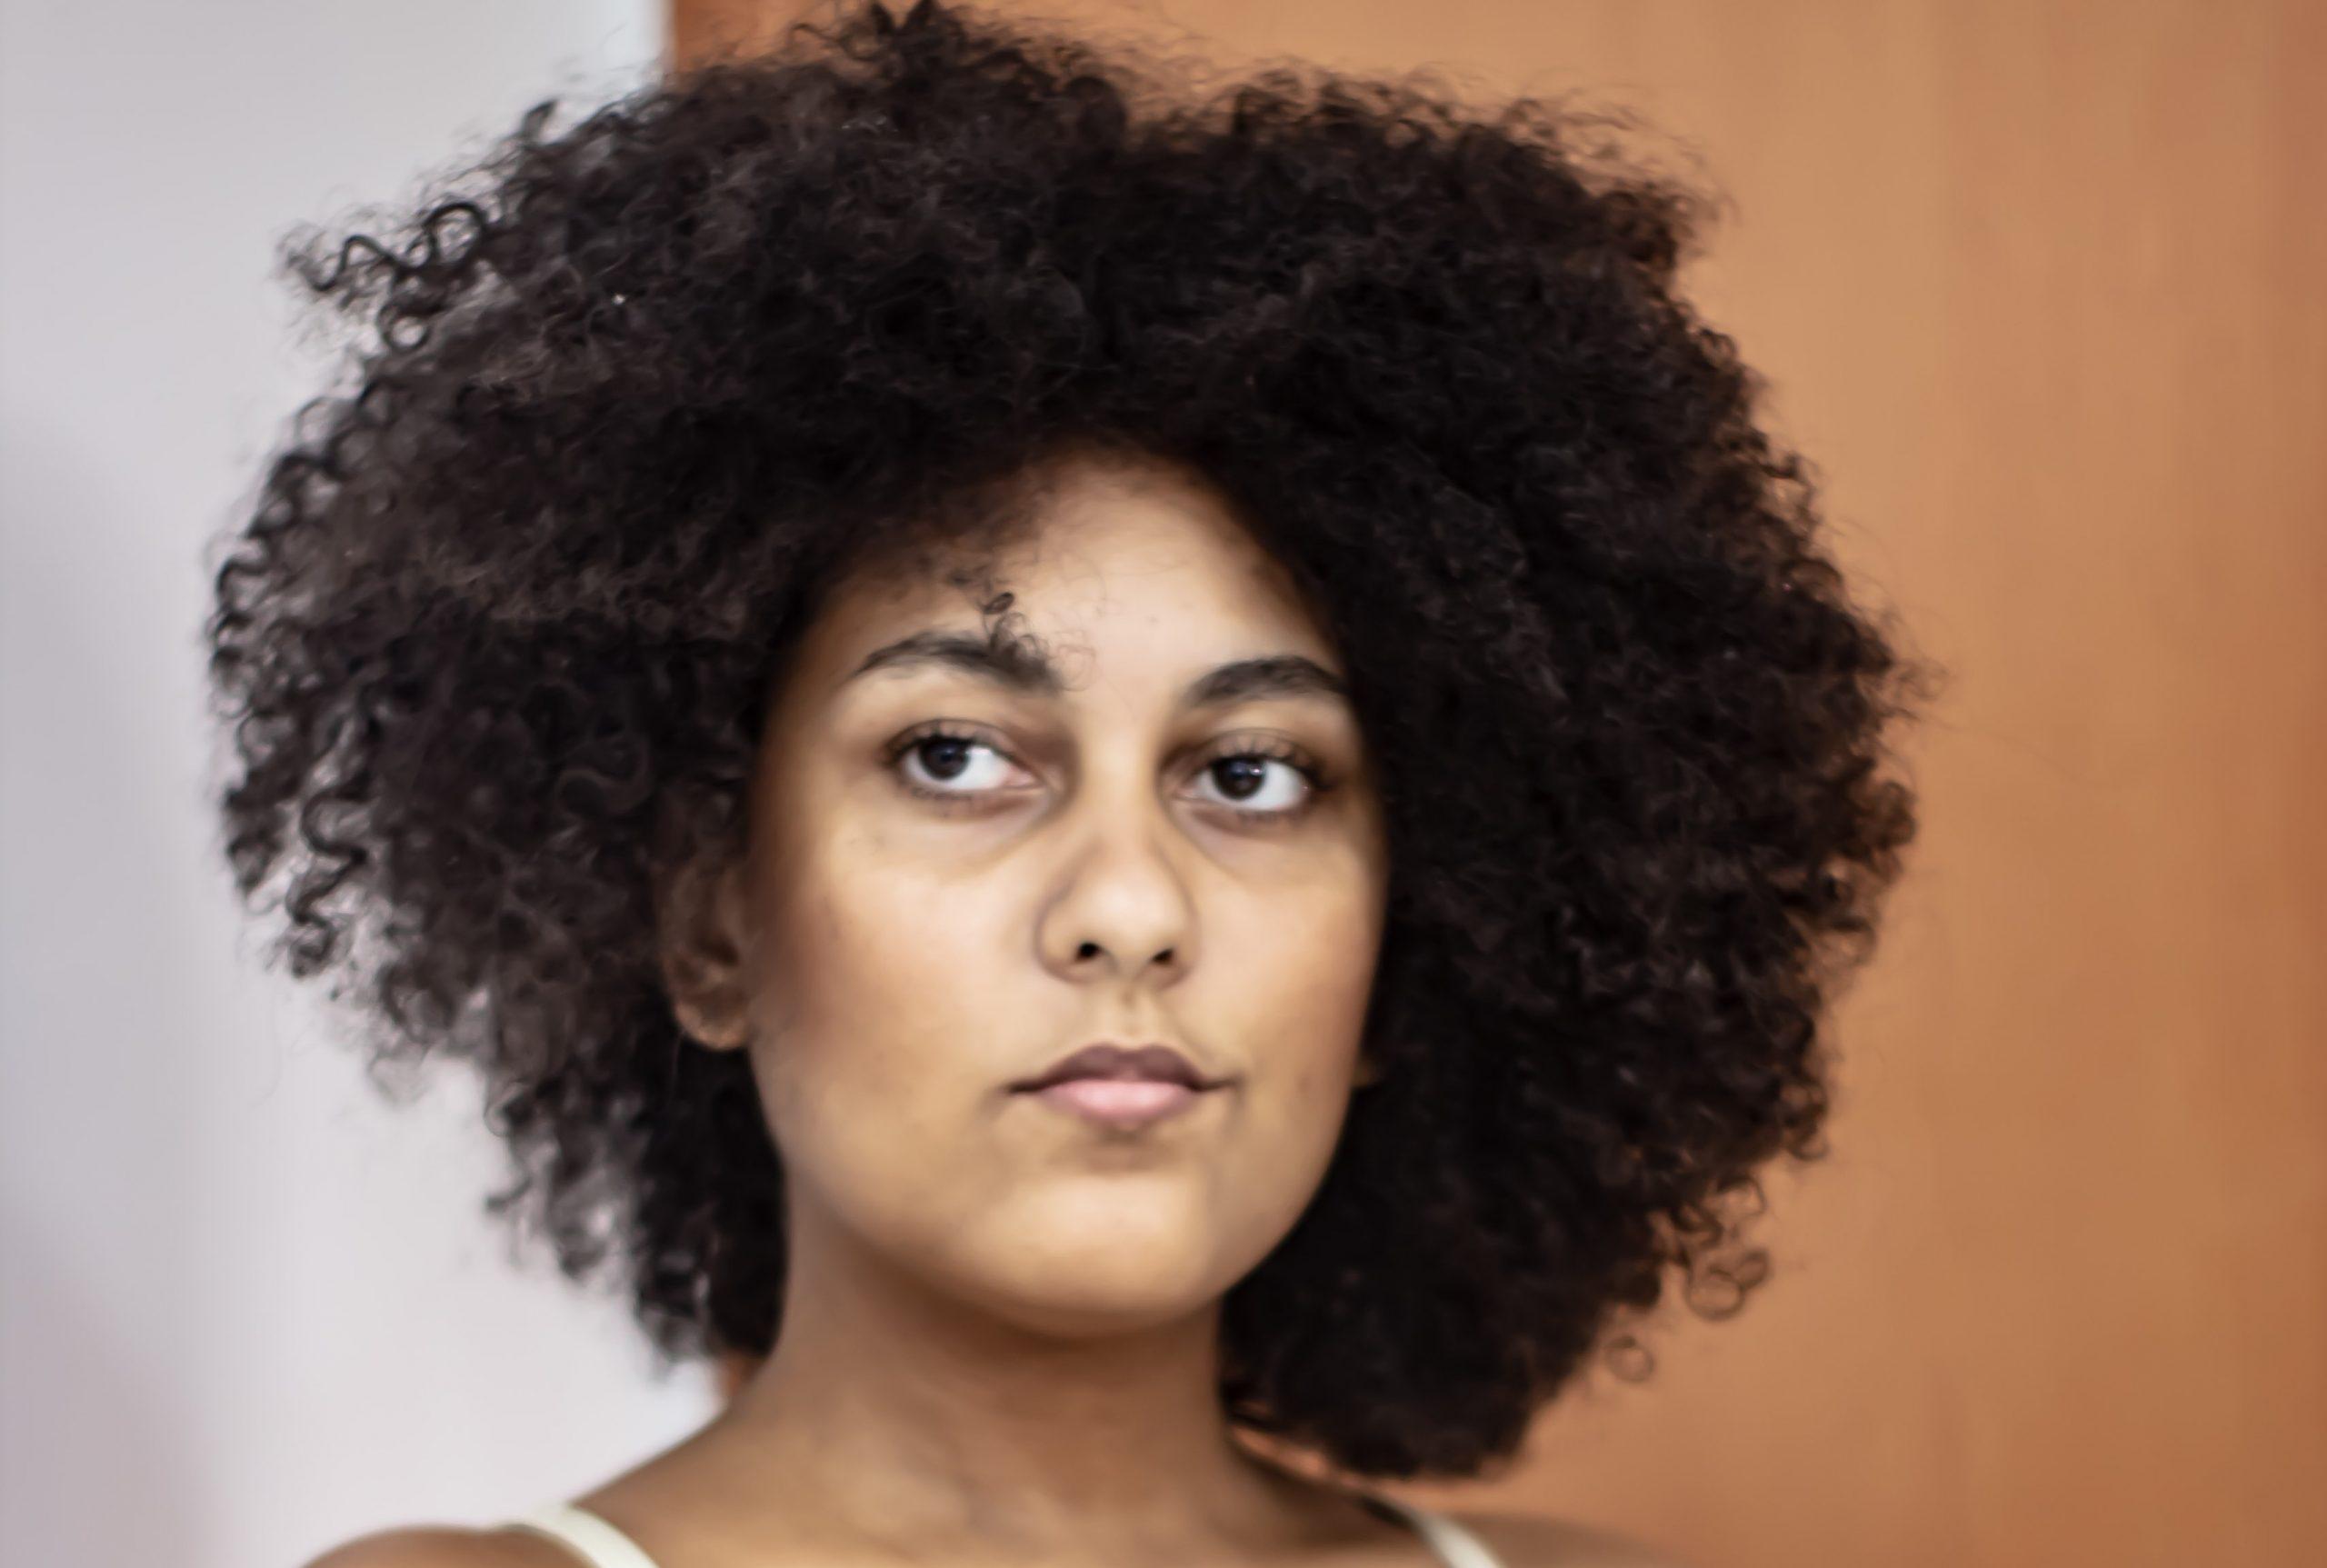 Thallita Flor foi uma das fundadoras do MAV – Movimento Afro Vegano (Imagem retirada do site Folha de São Paulo)